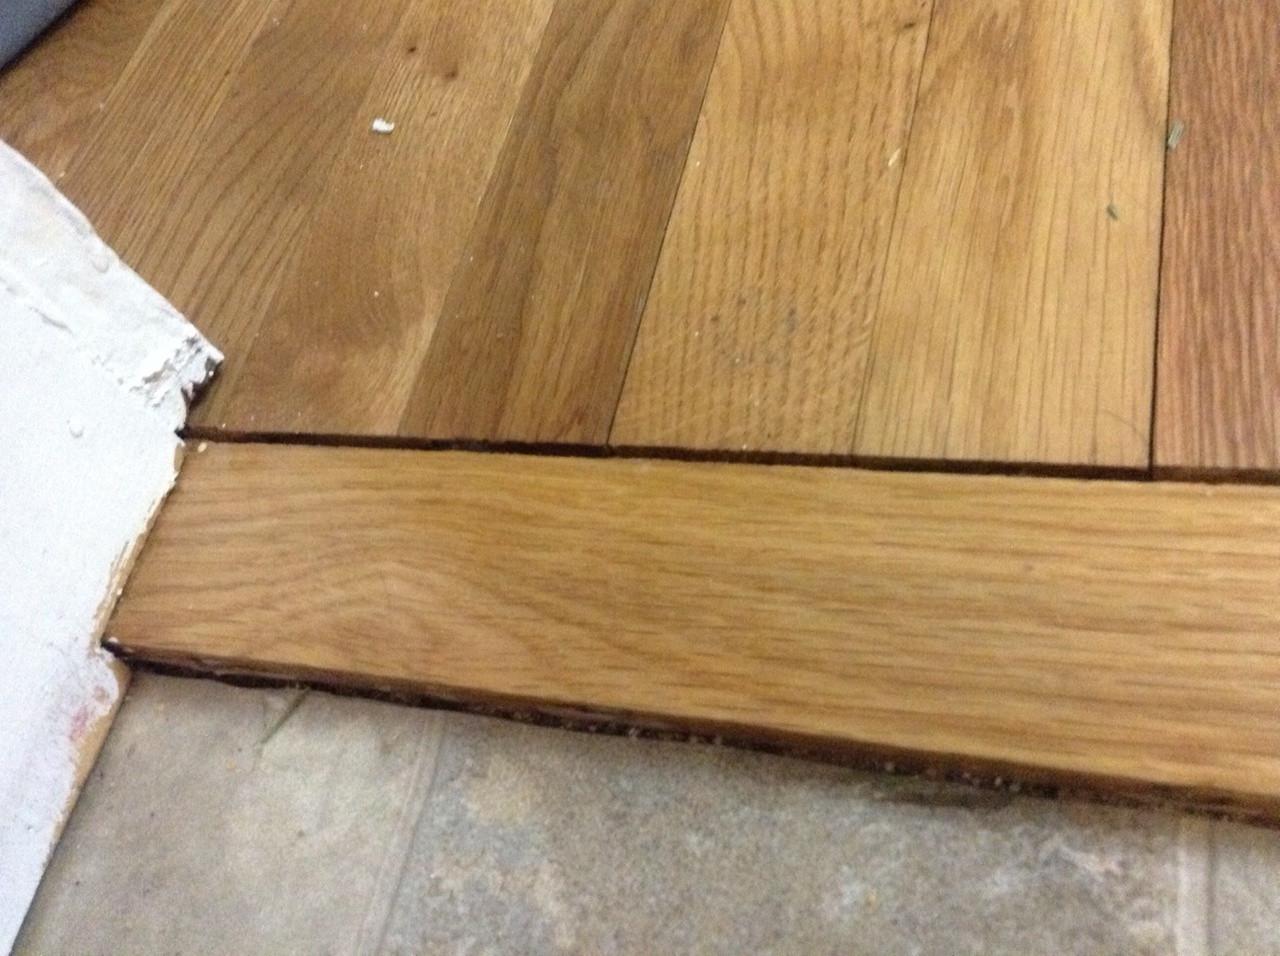 hardwood floor putty filler of wood floor techniques 101 regarding gap shrinkage cork